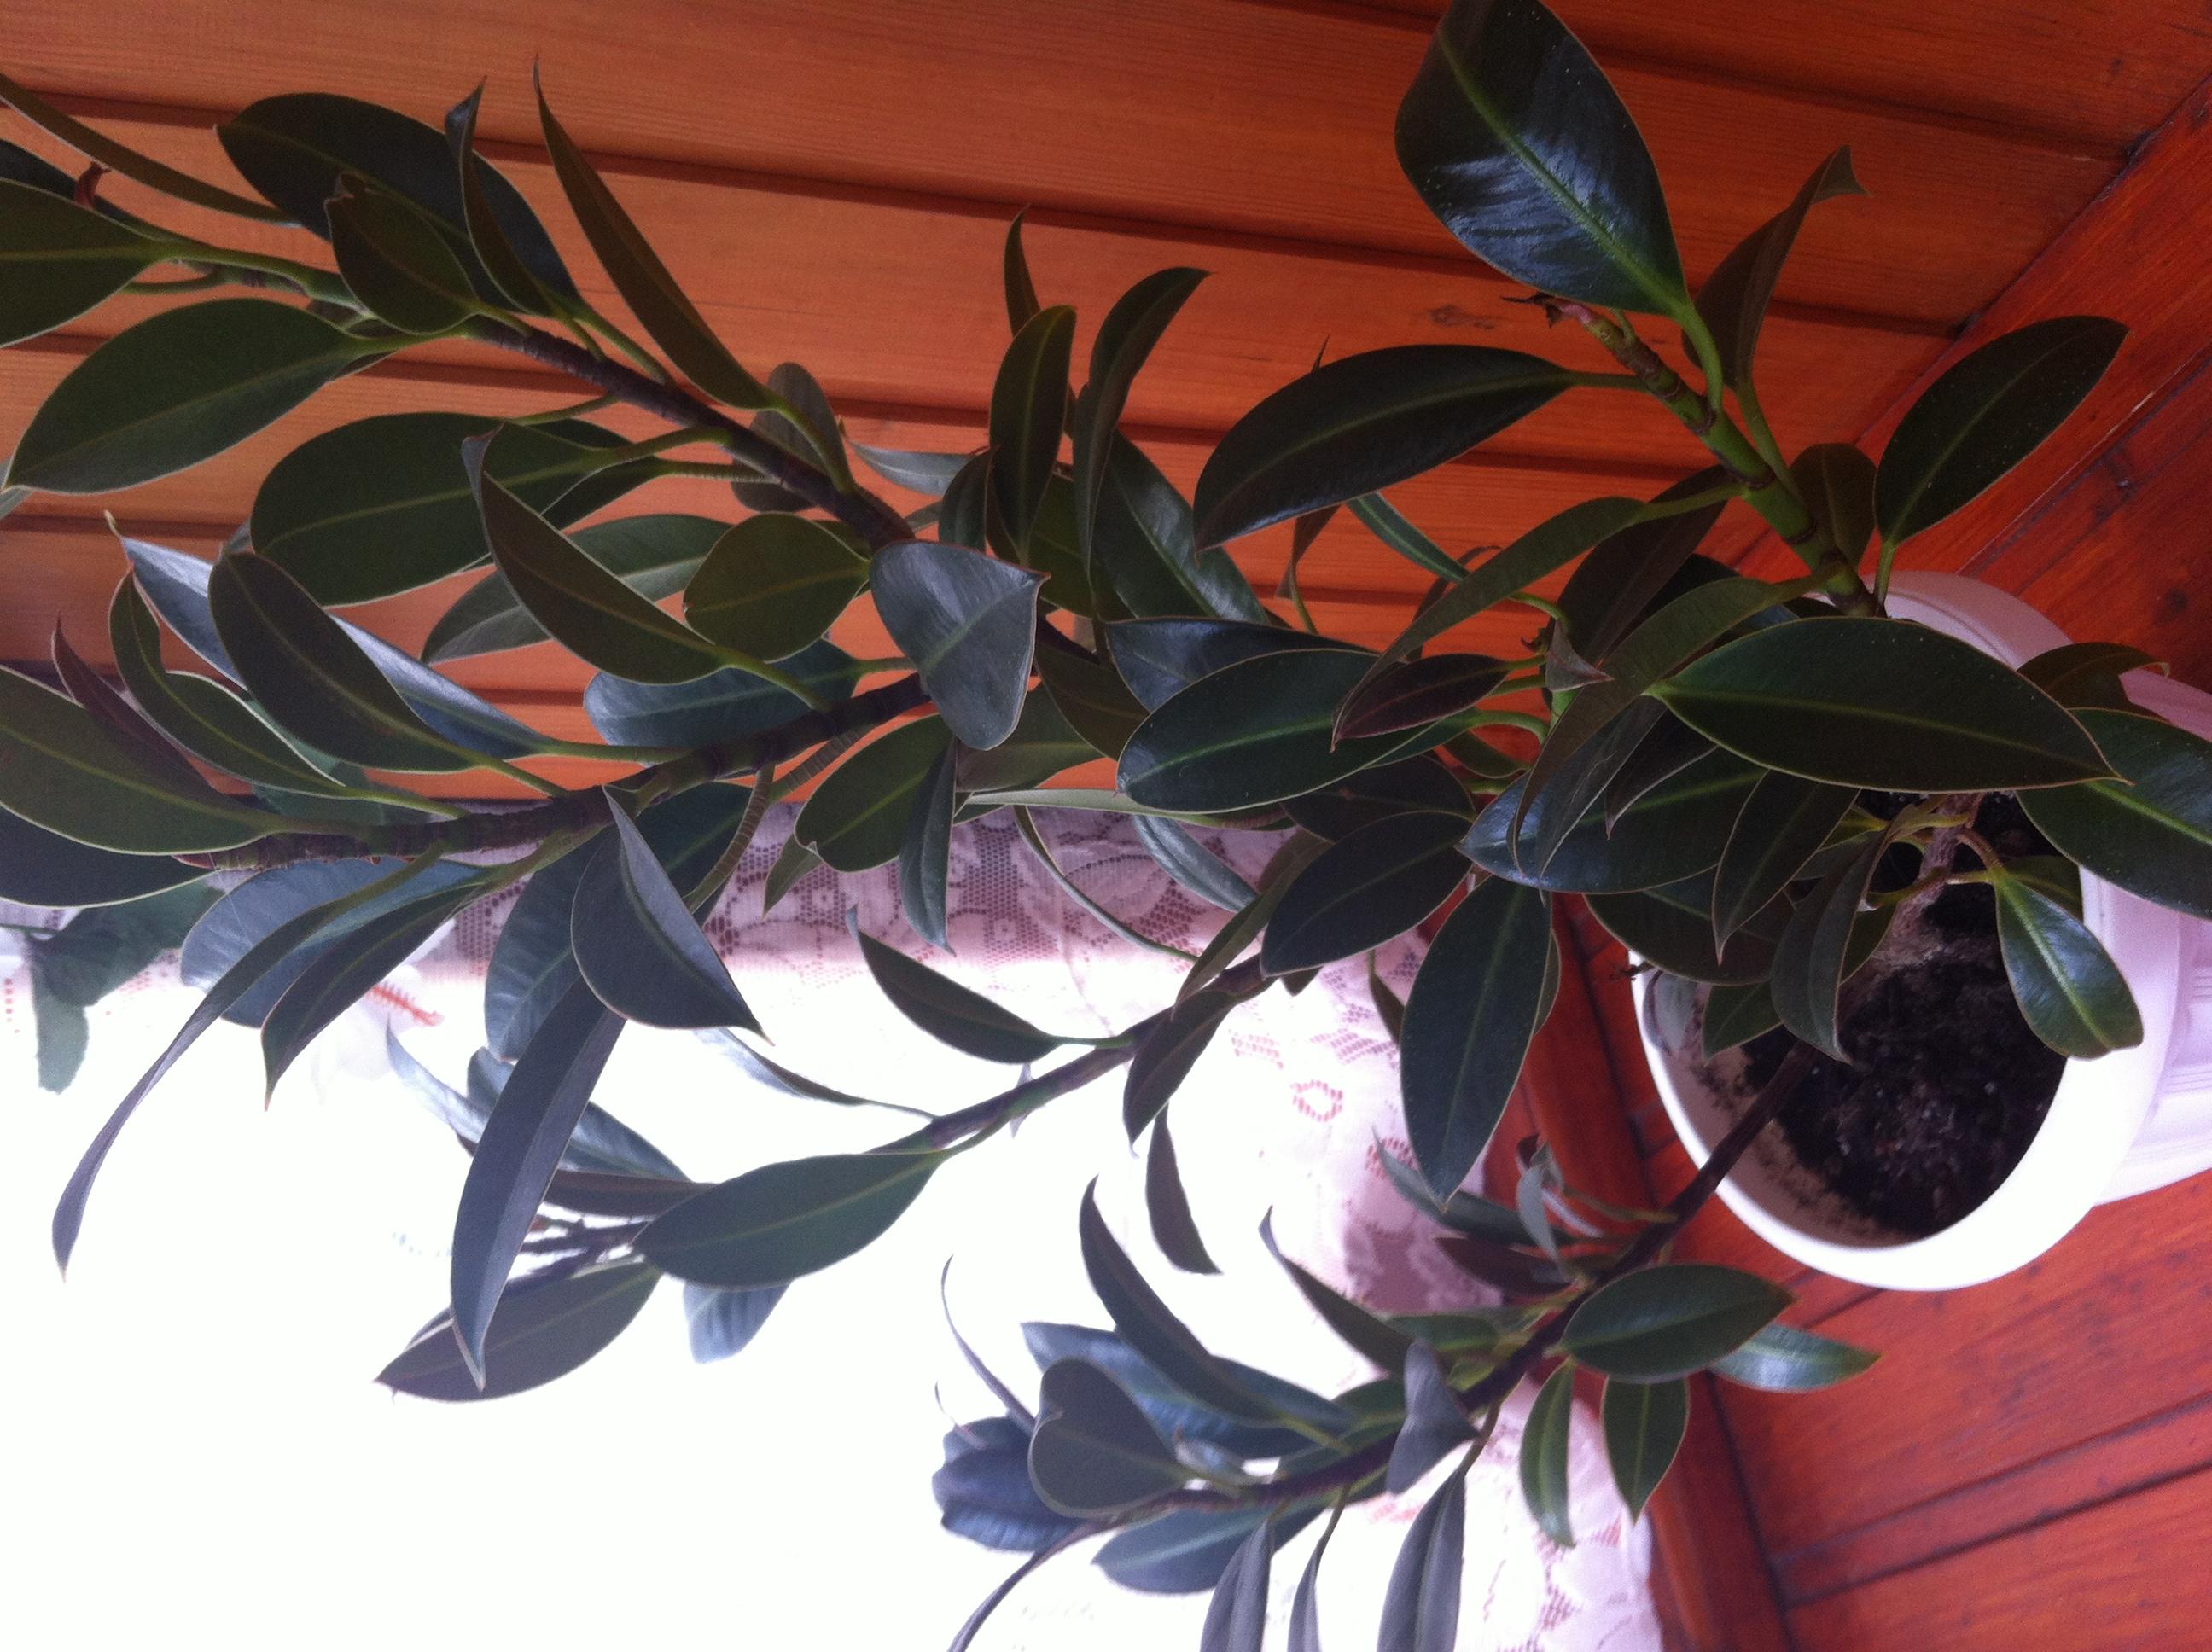 фикус мелани фото взрослого растения содержит